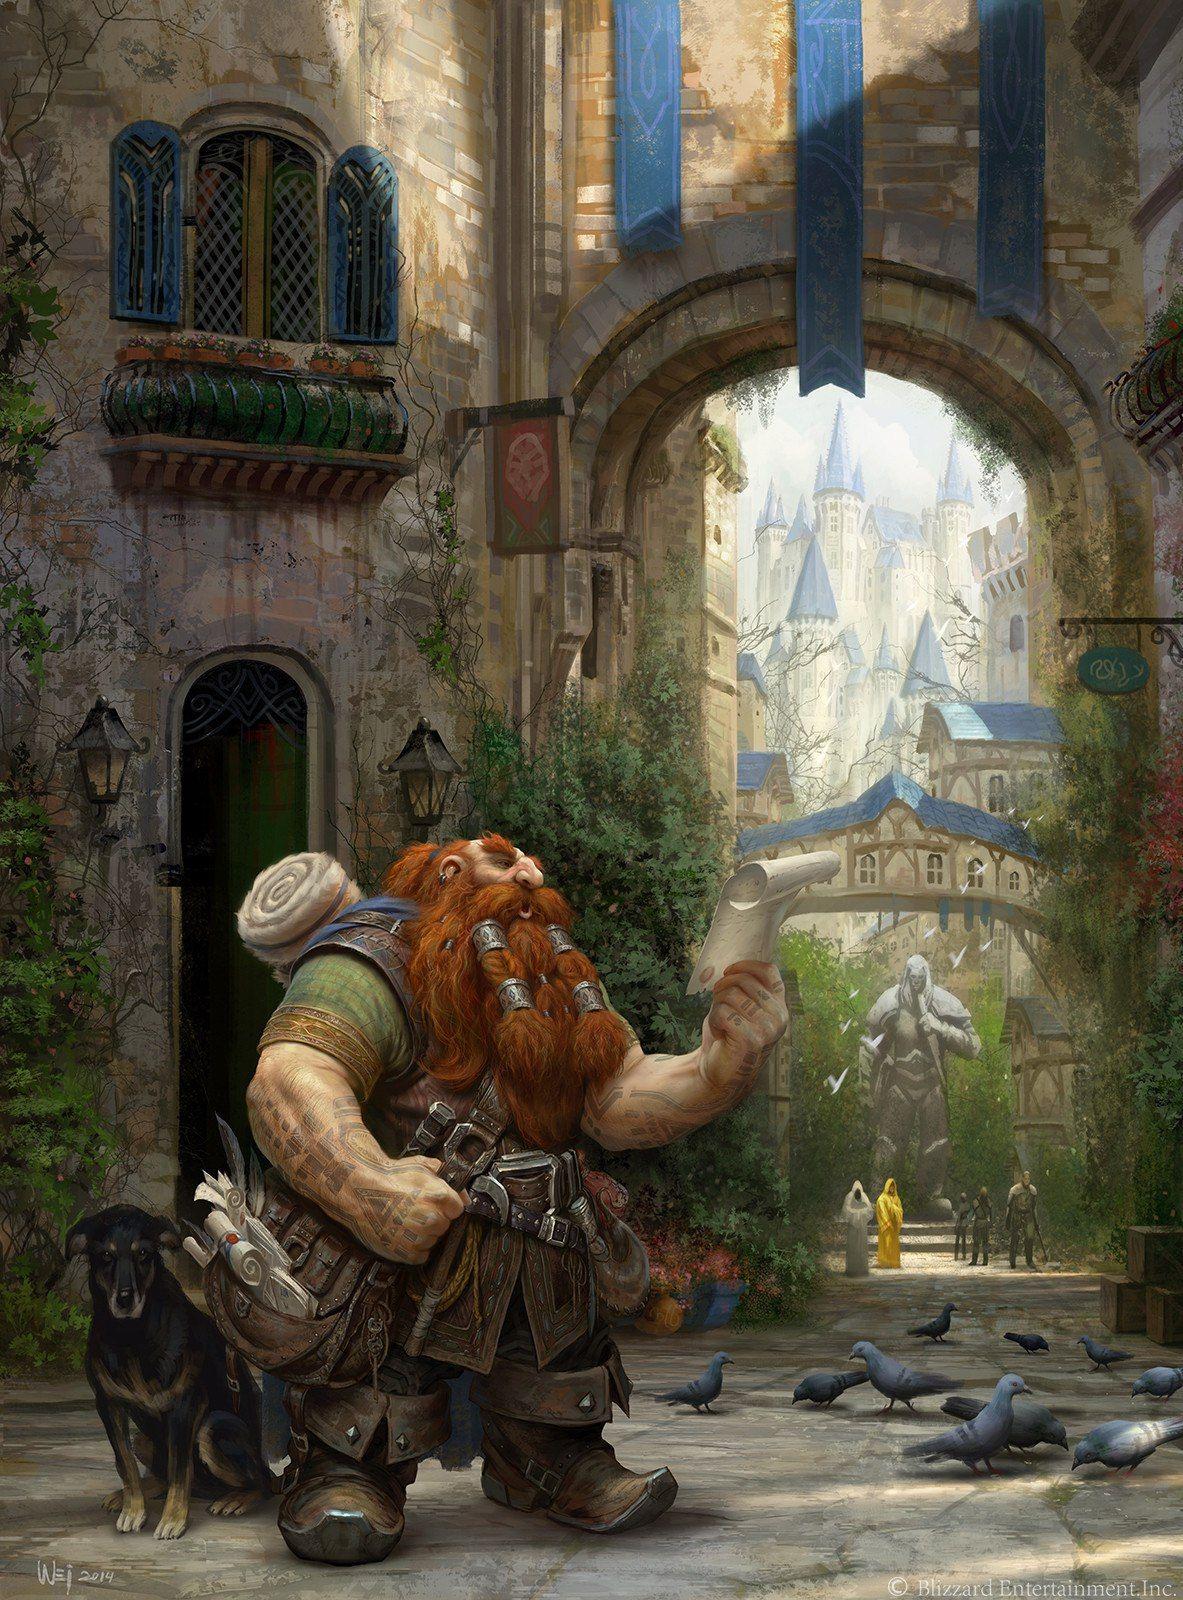 Pin by Kiowa McGary on anime Fantasy dwarf, Warcraft art